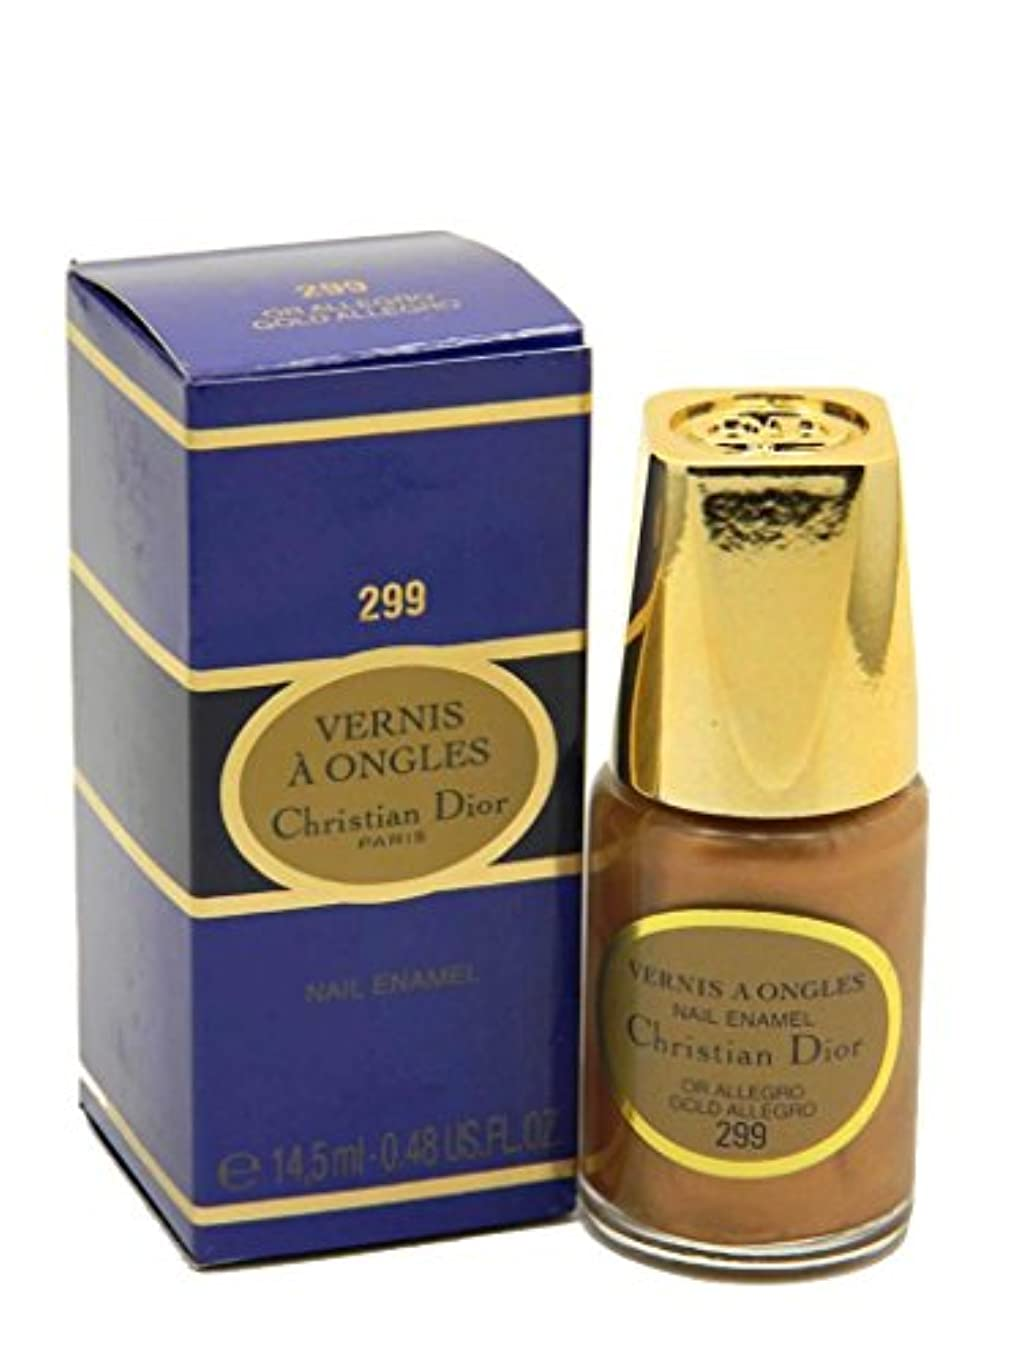 パンチ発送ギャンブルDior Vernis A Ongles Nail Enamel Polish 299 Gold Allegro(ディオール ヴェルニ ア オングル ネイルエナメル ポリッシュ 299 ゴールドアレグロ) [並行輸入品]